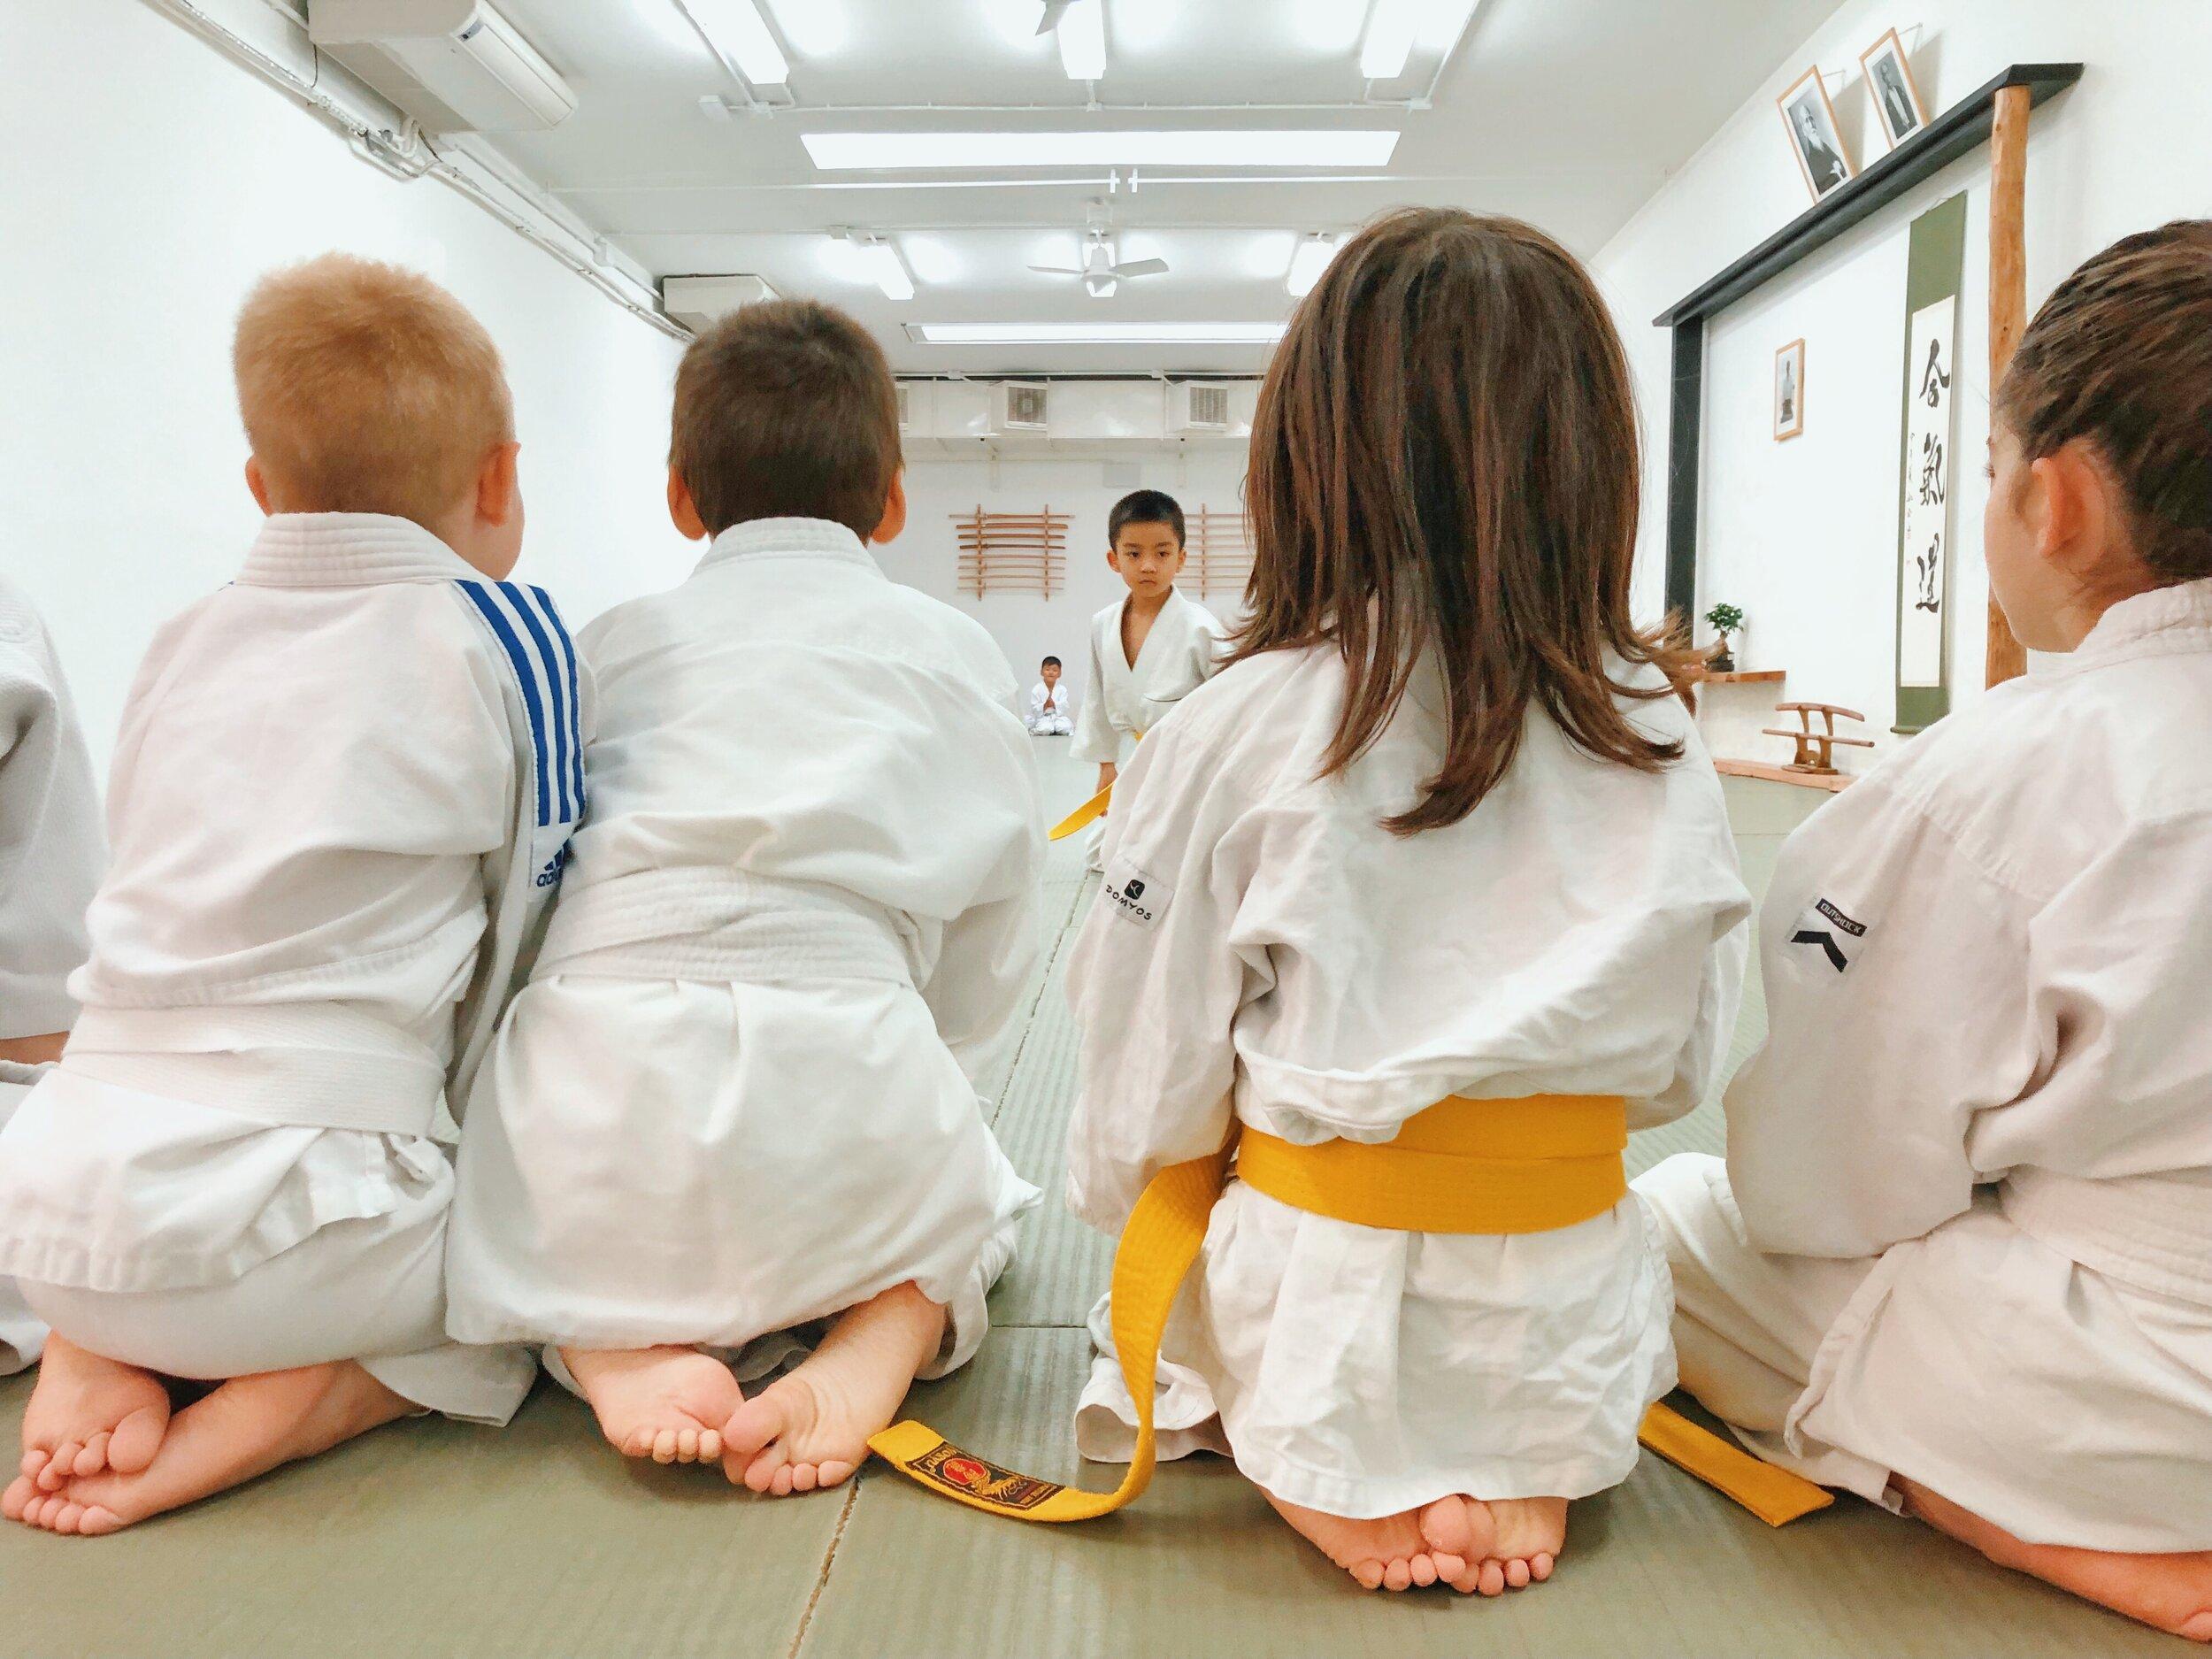 aikido-bambini-disciplina